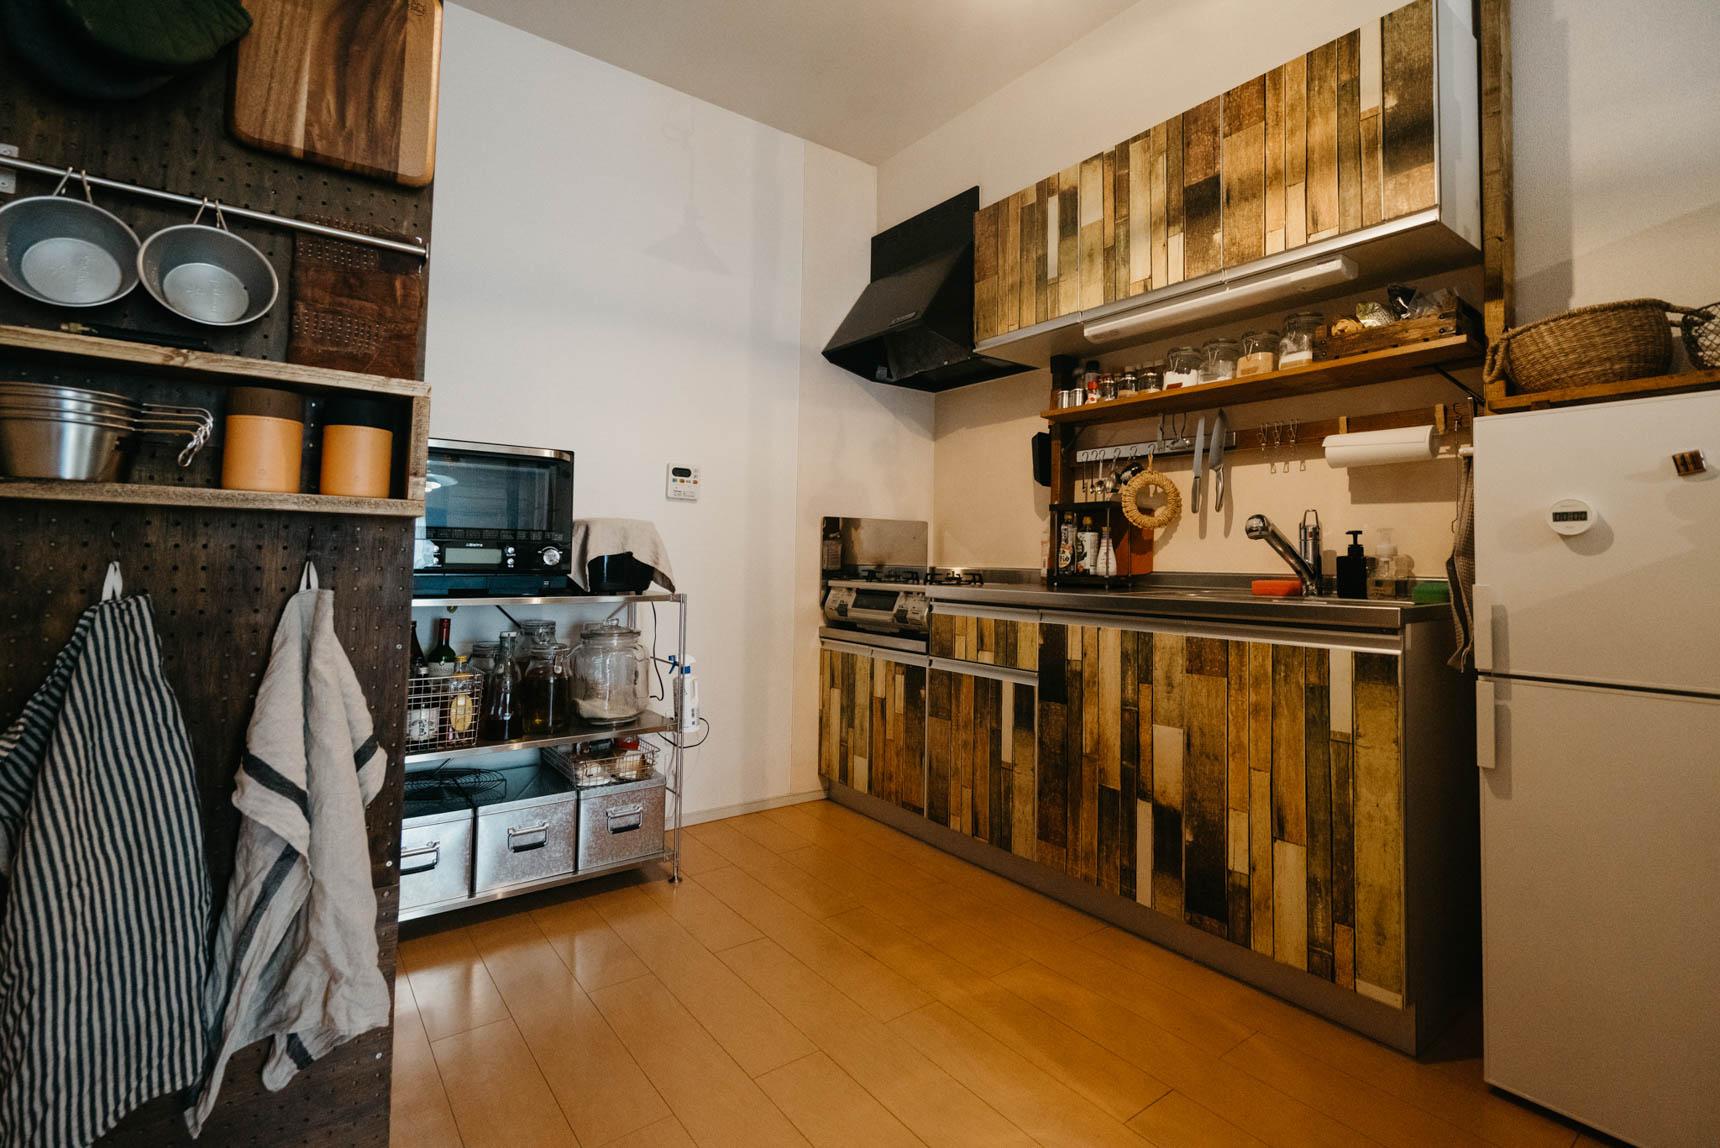 キッチンには、リメイク用の剥がせるシートを貼り、こちらも雰囲気を合わせます。